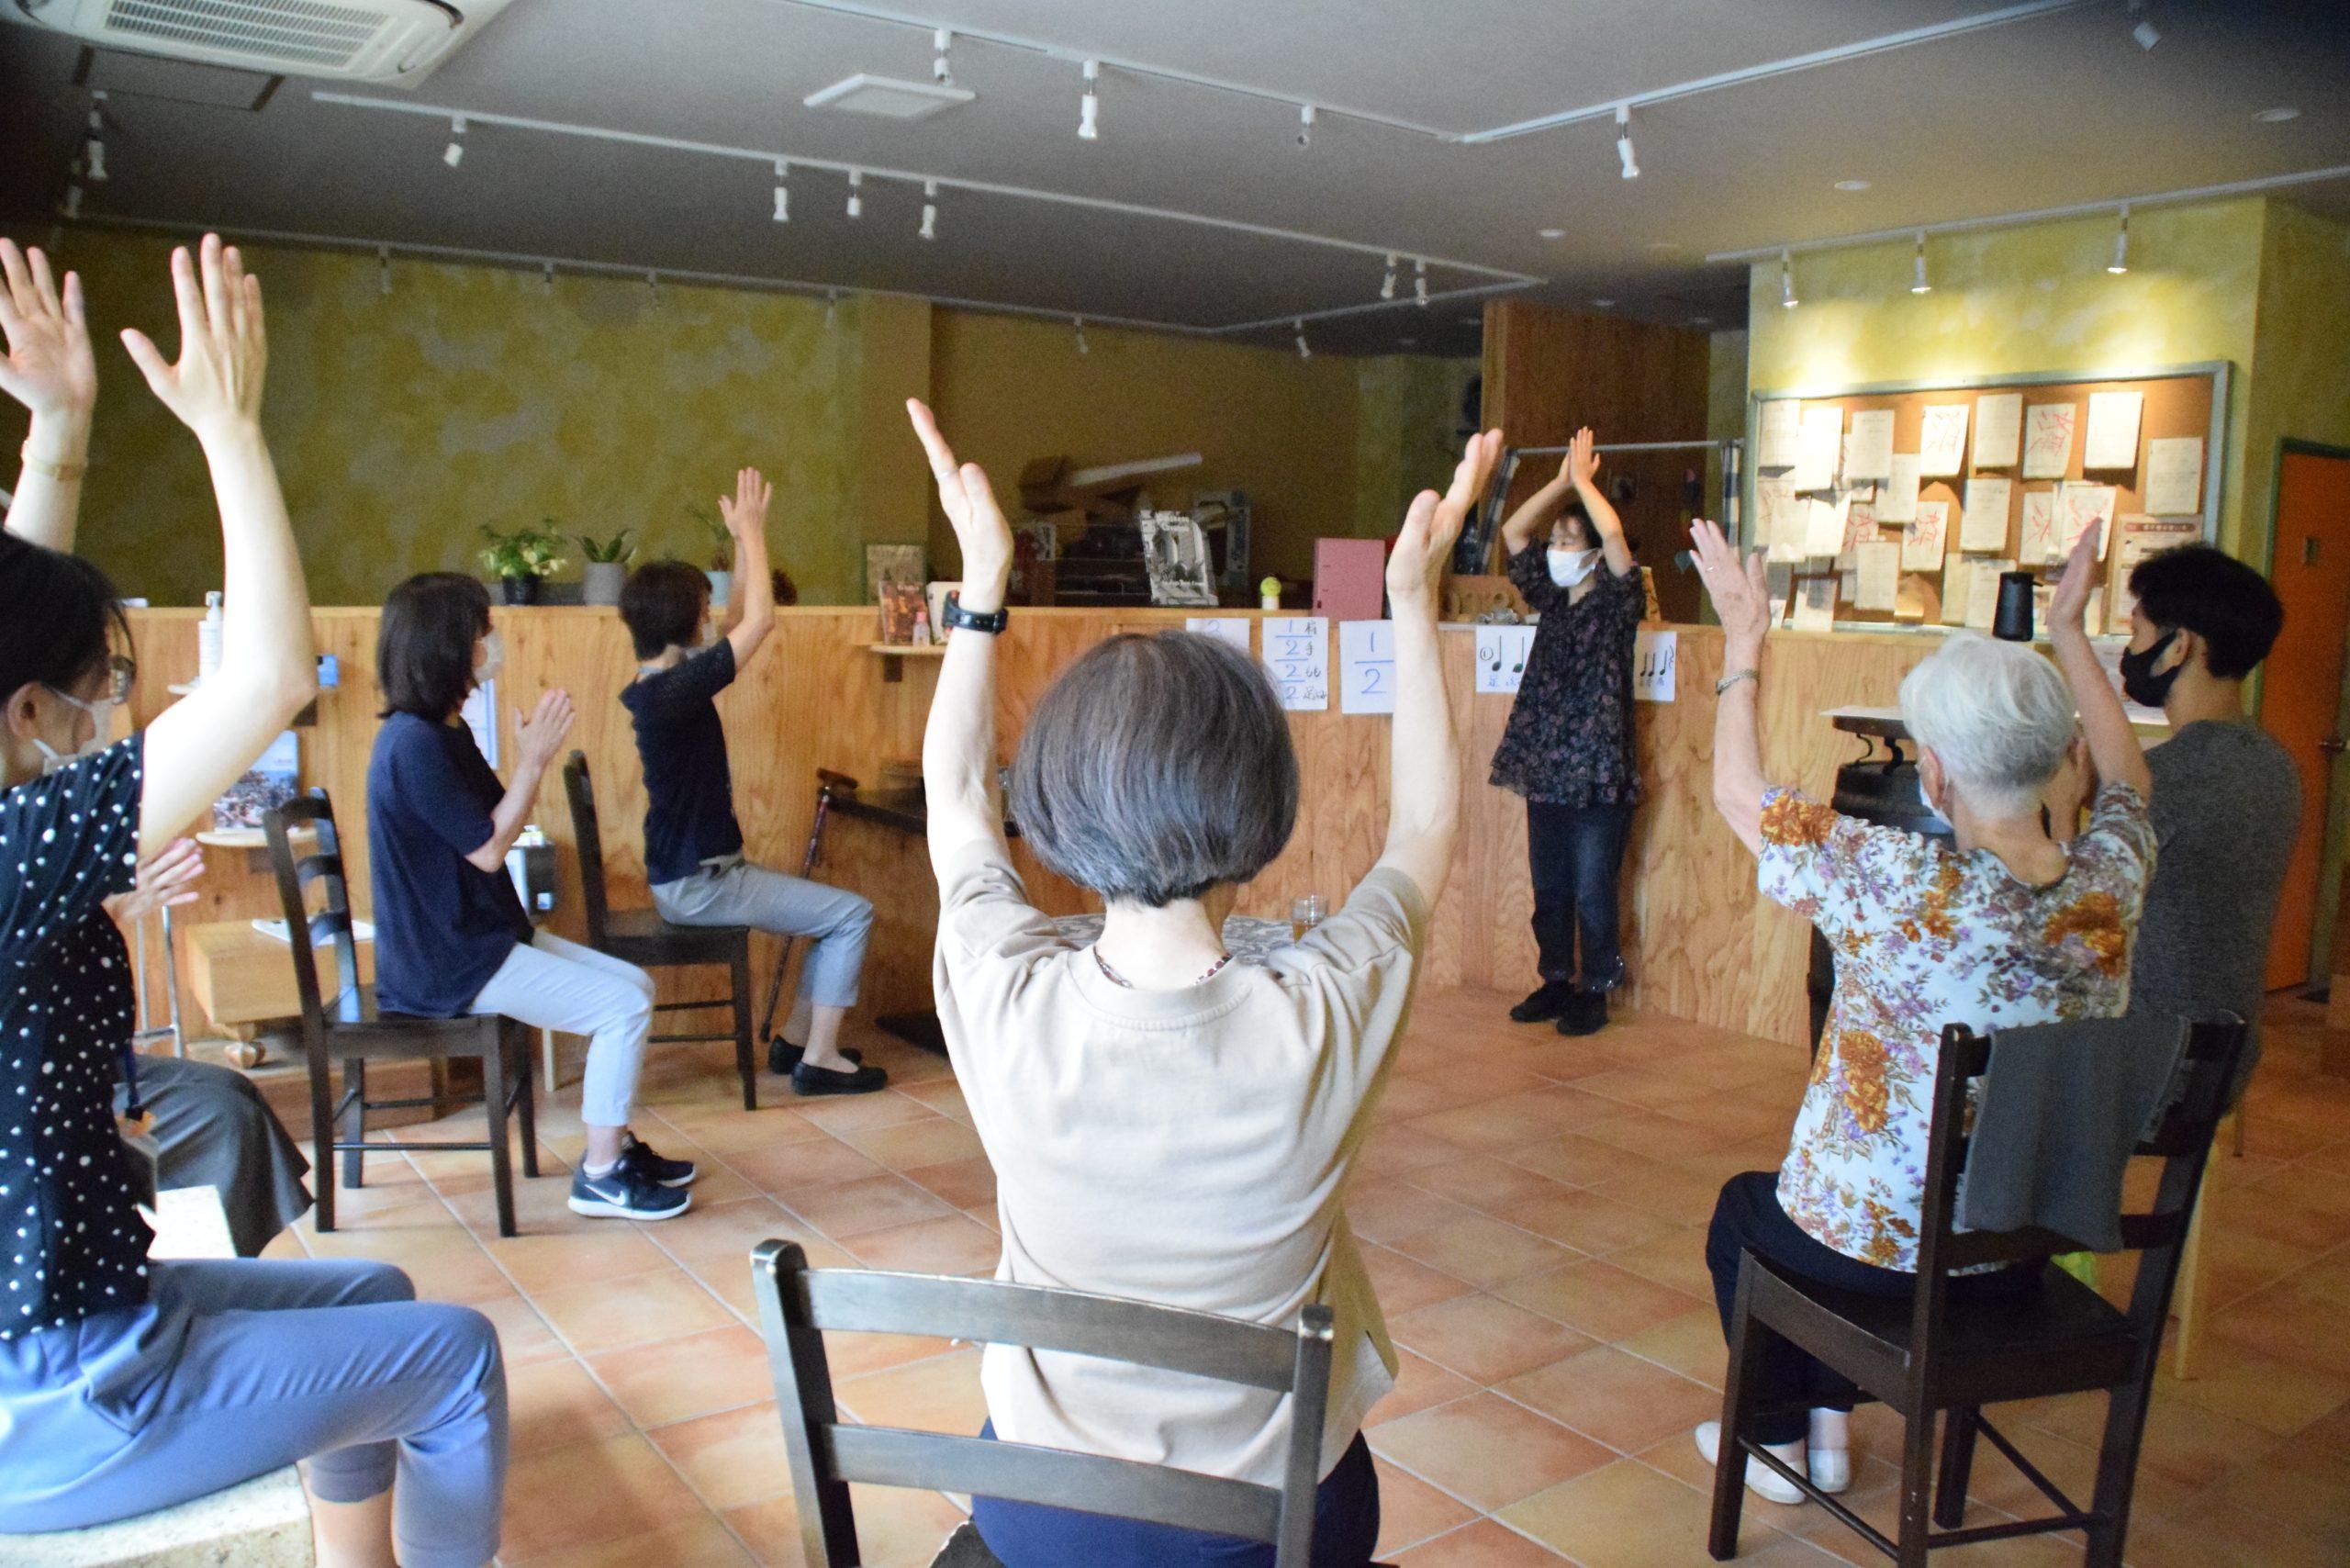 輪になって座る参加者。手を伸ばしている。